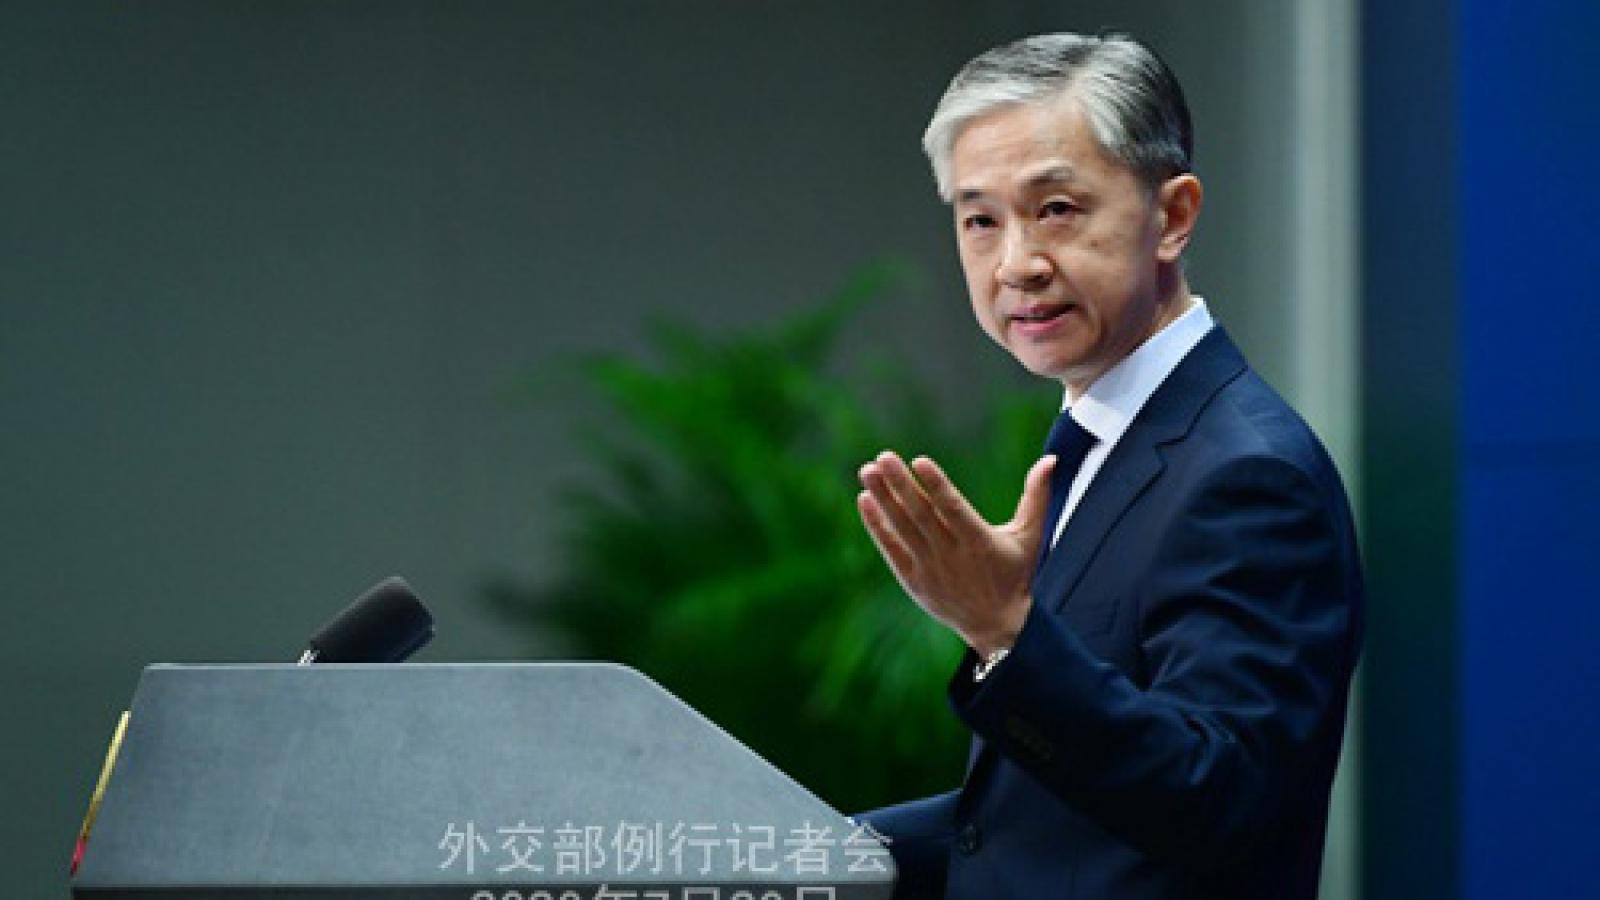 IAEA mời Trung Quốc tham gia nhóm kỹ thuật về nước thải hạt nhânFukushima